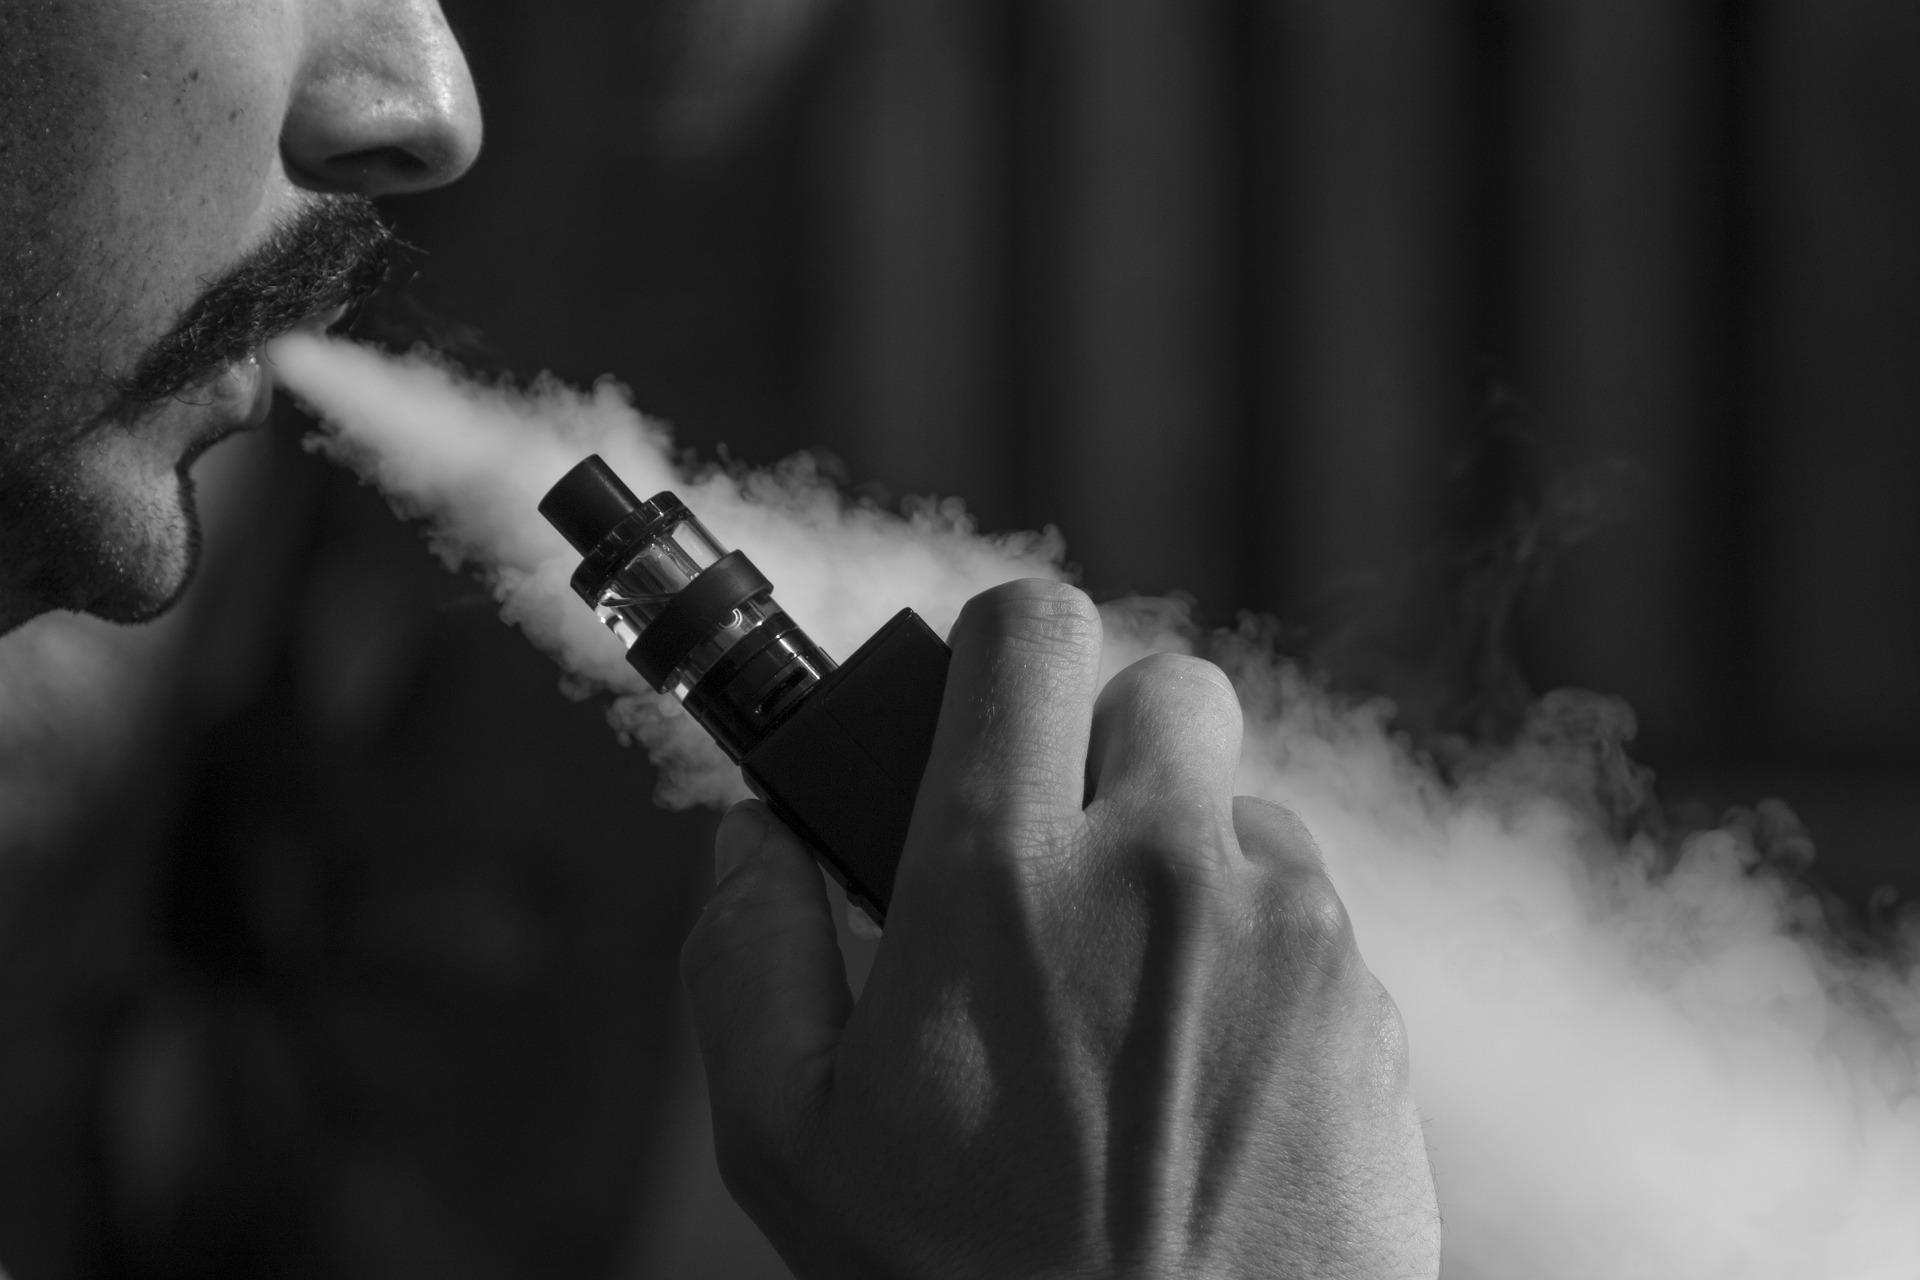 Cigarette électronique : quelle cigarette électronique à choisir ?